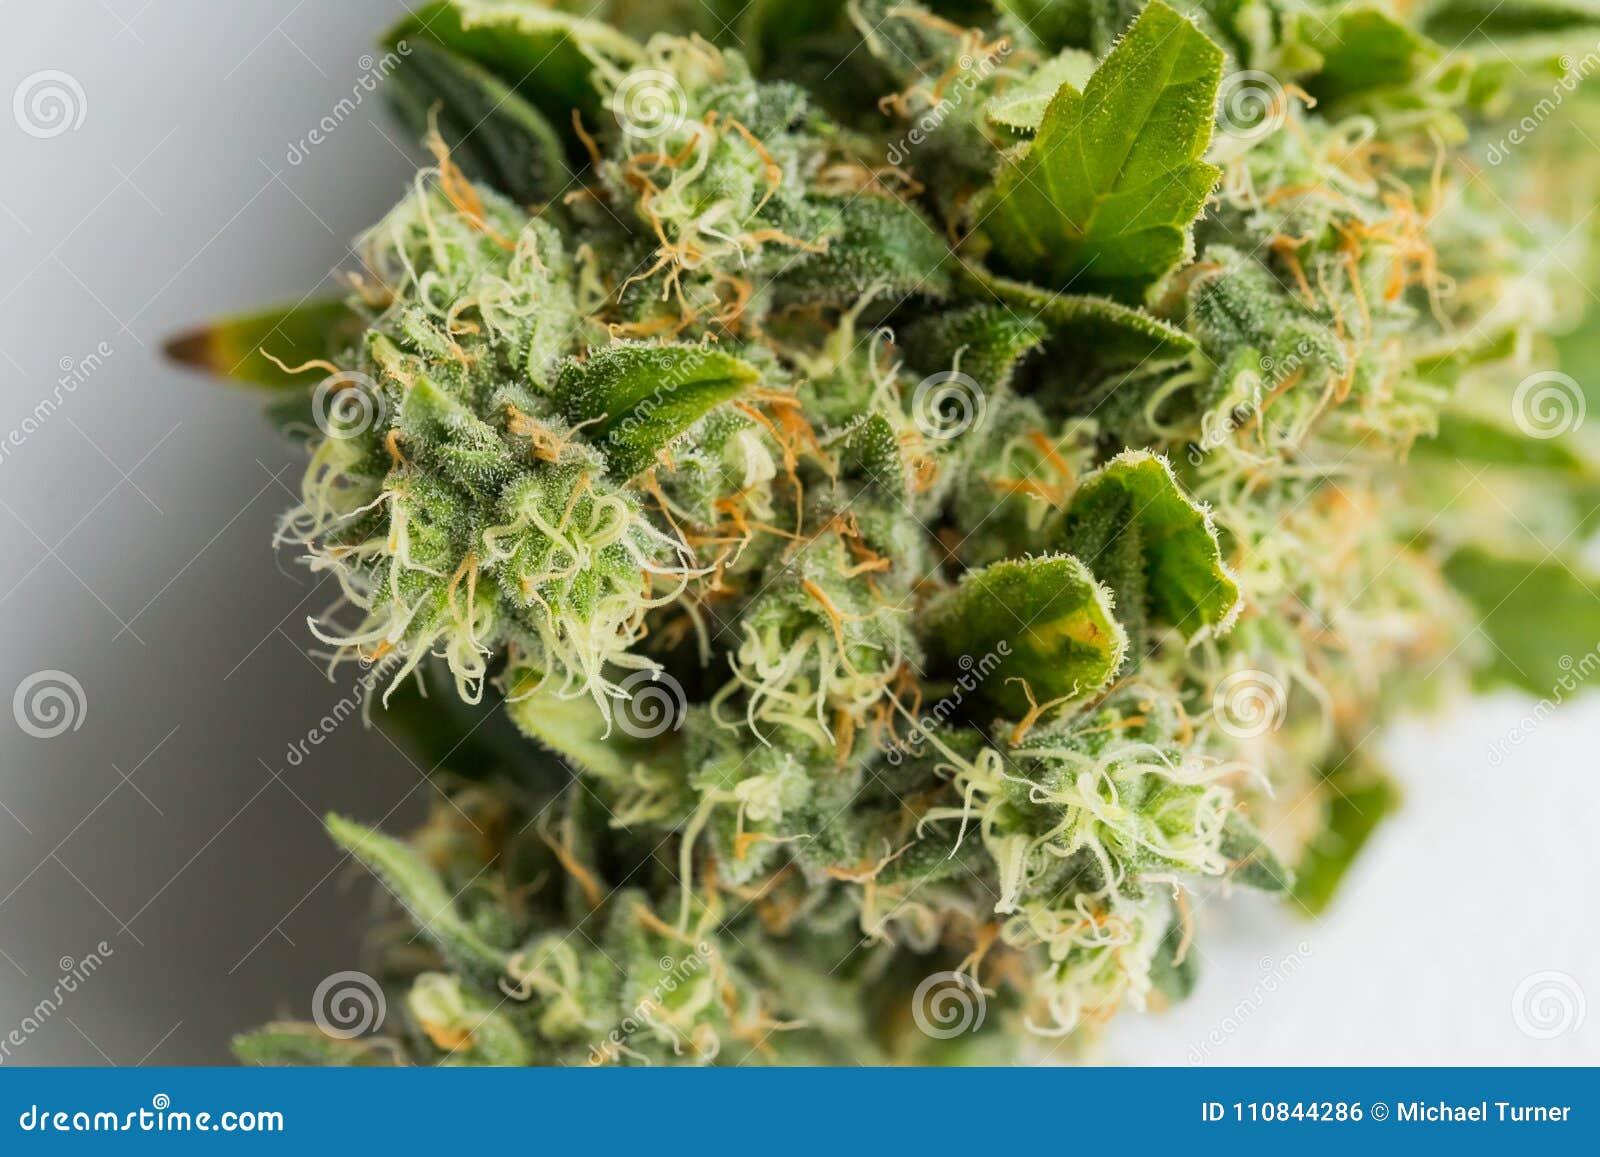 Пыль сделанная из конопли марихуана ответственность россия